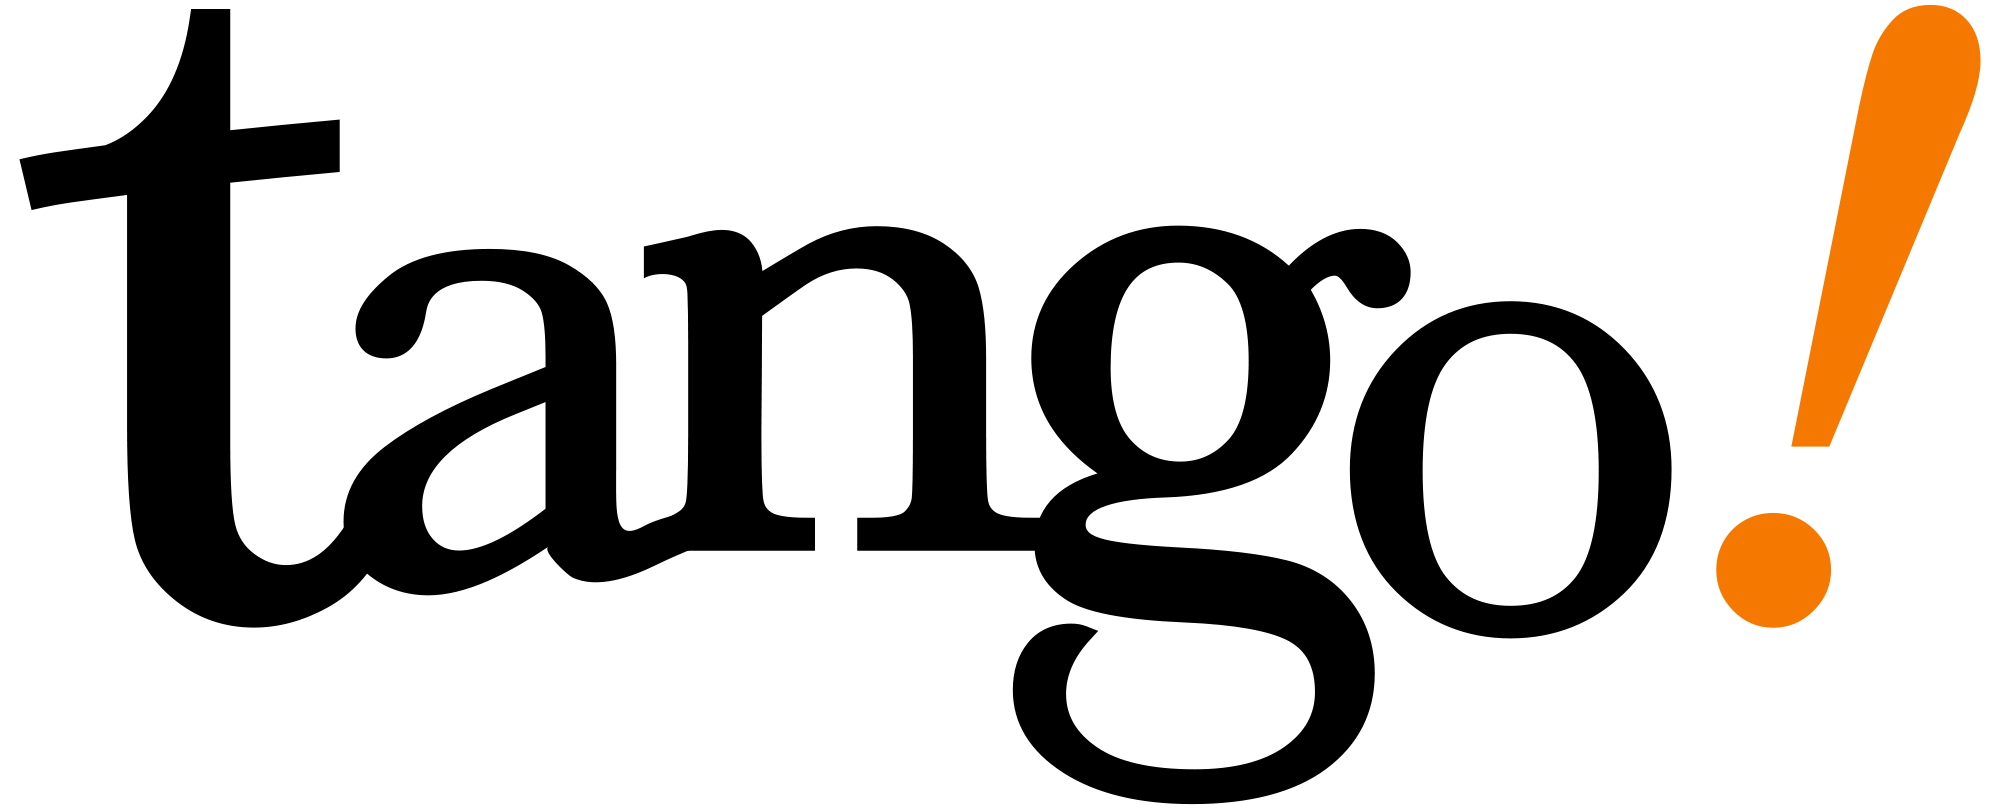 Tango chat logo